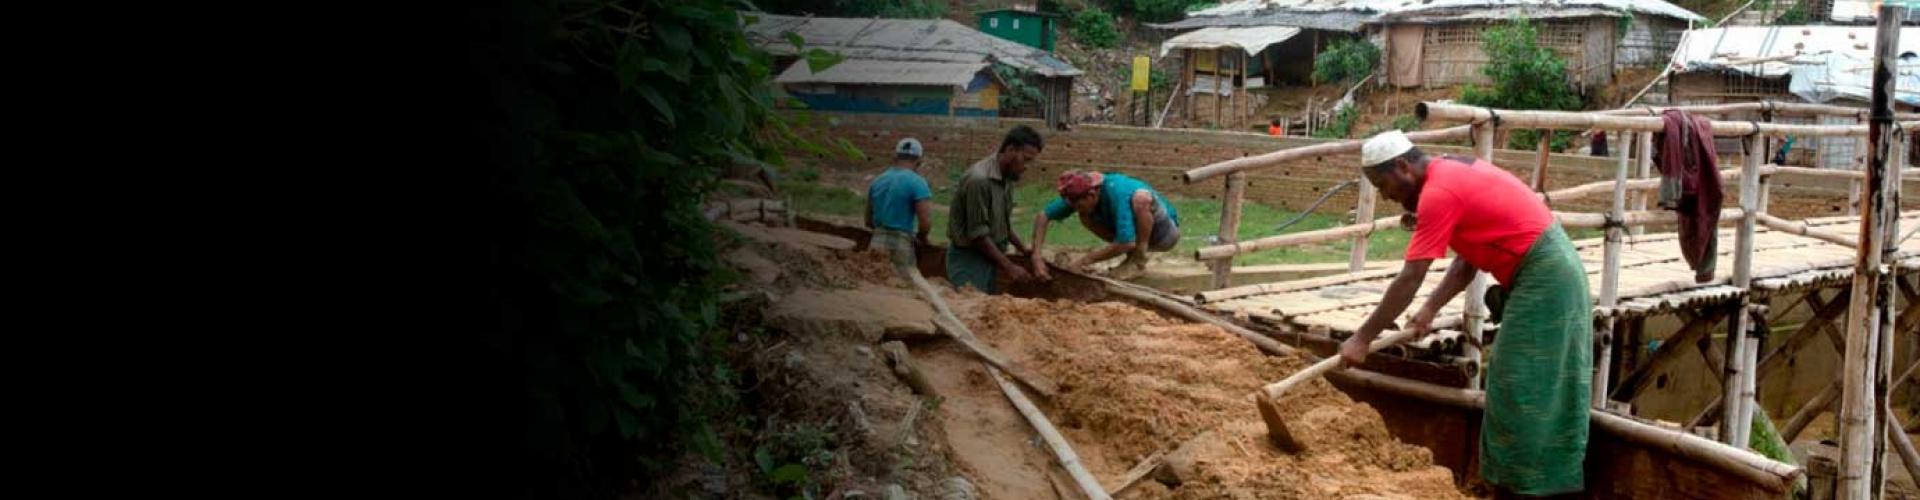 ฝนตกหนักและมรสุมเข้าปะทะค่ายผู้ลี้ภัยชาวโรฮิงญา ในประเทศบังคลาเทศ